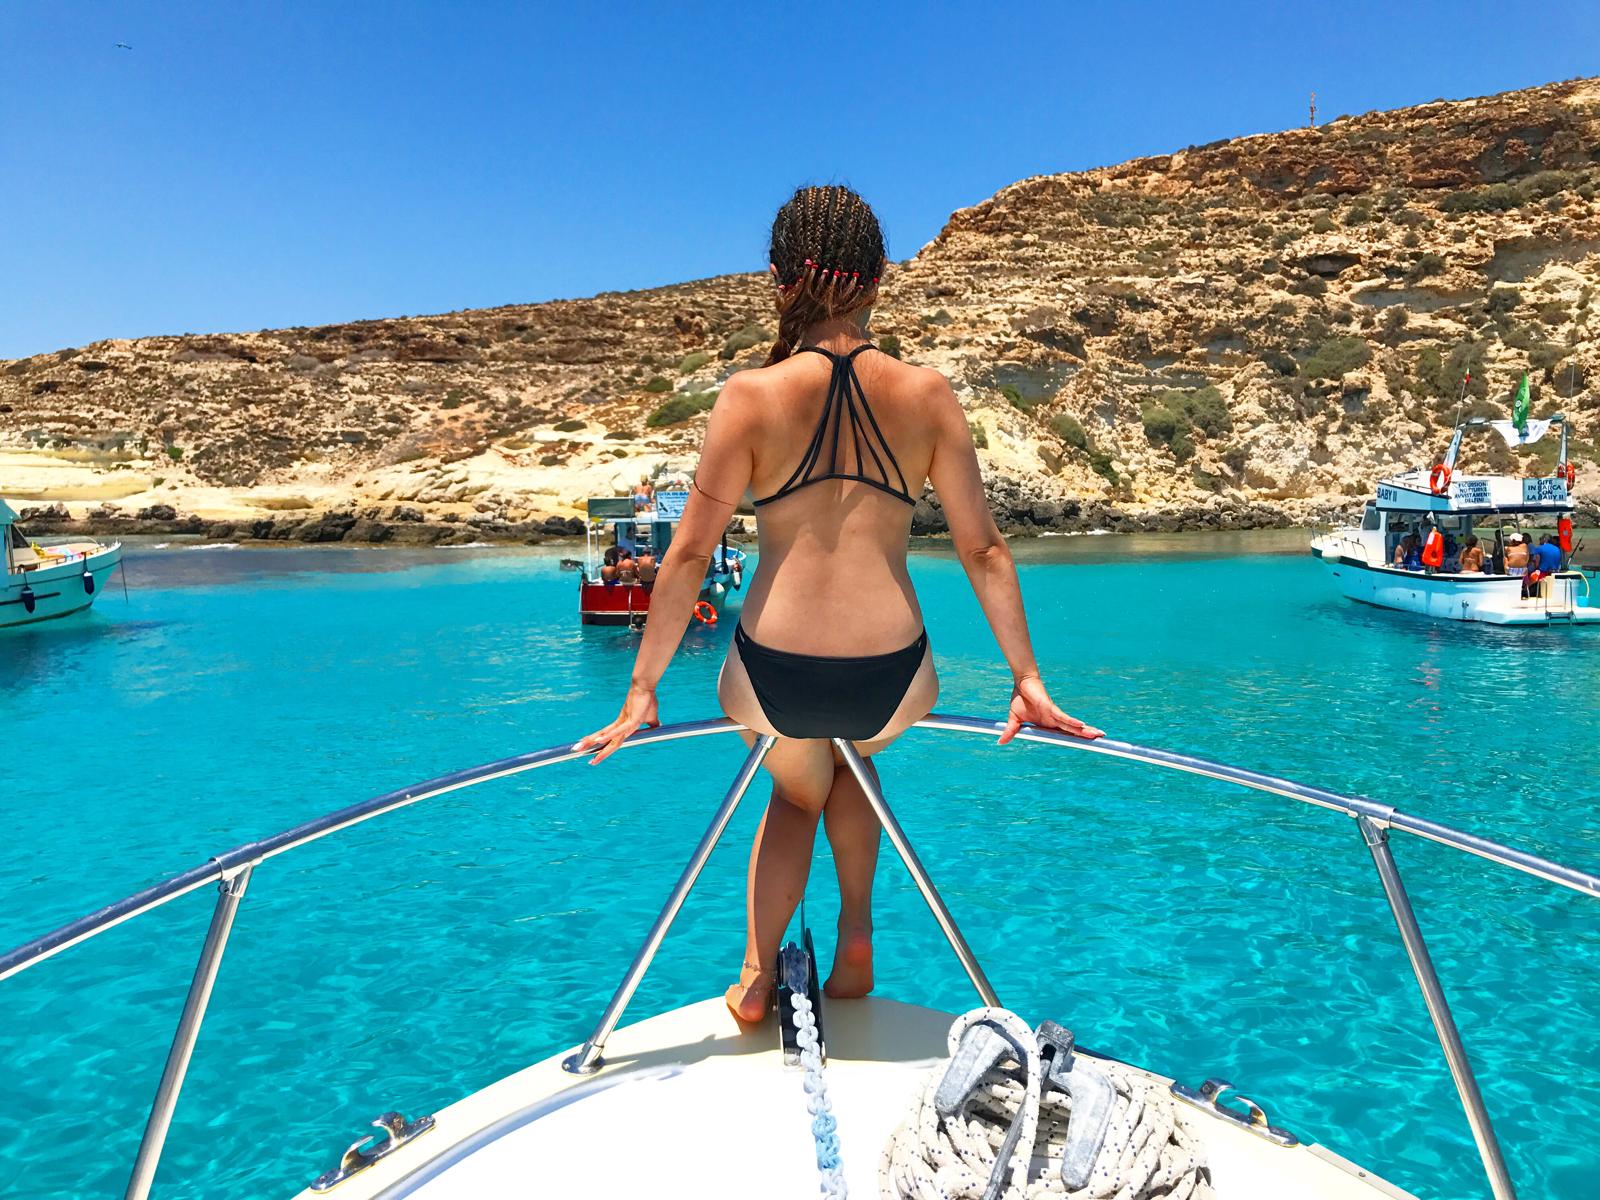 【ランペドゥーザ島】フライングボートの撮り方まとめ【イタリア】